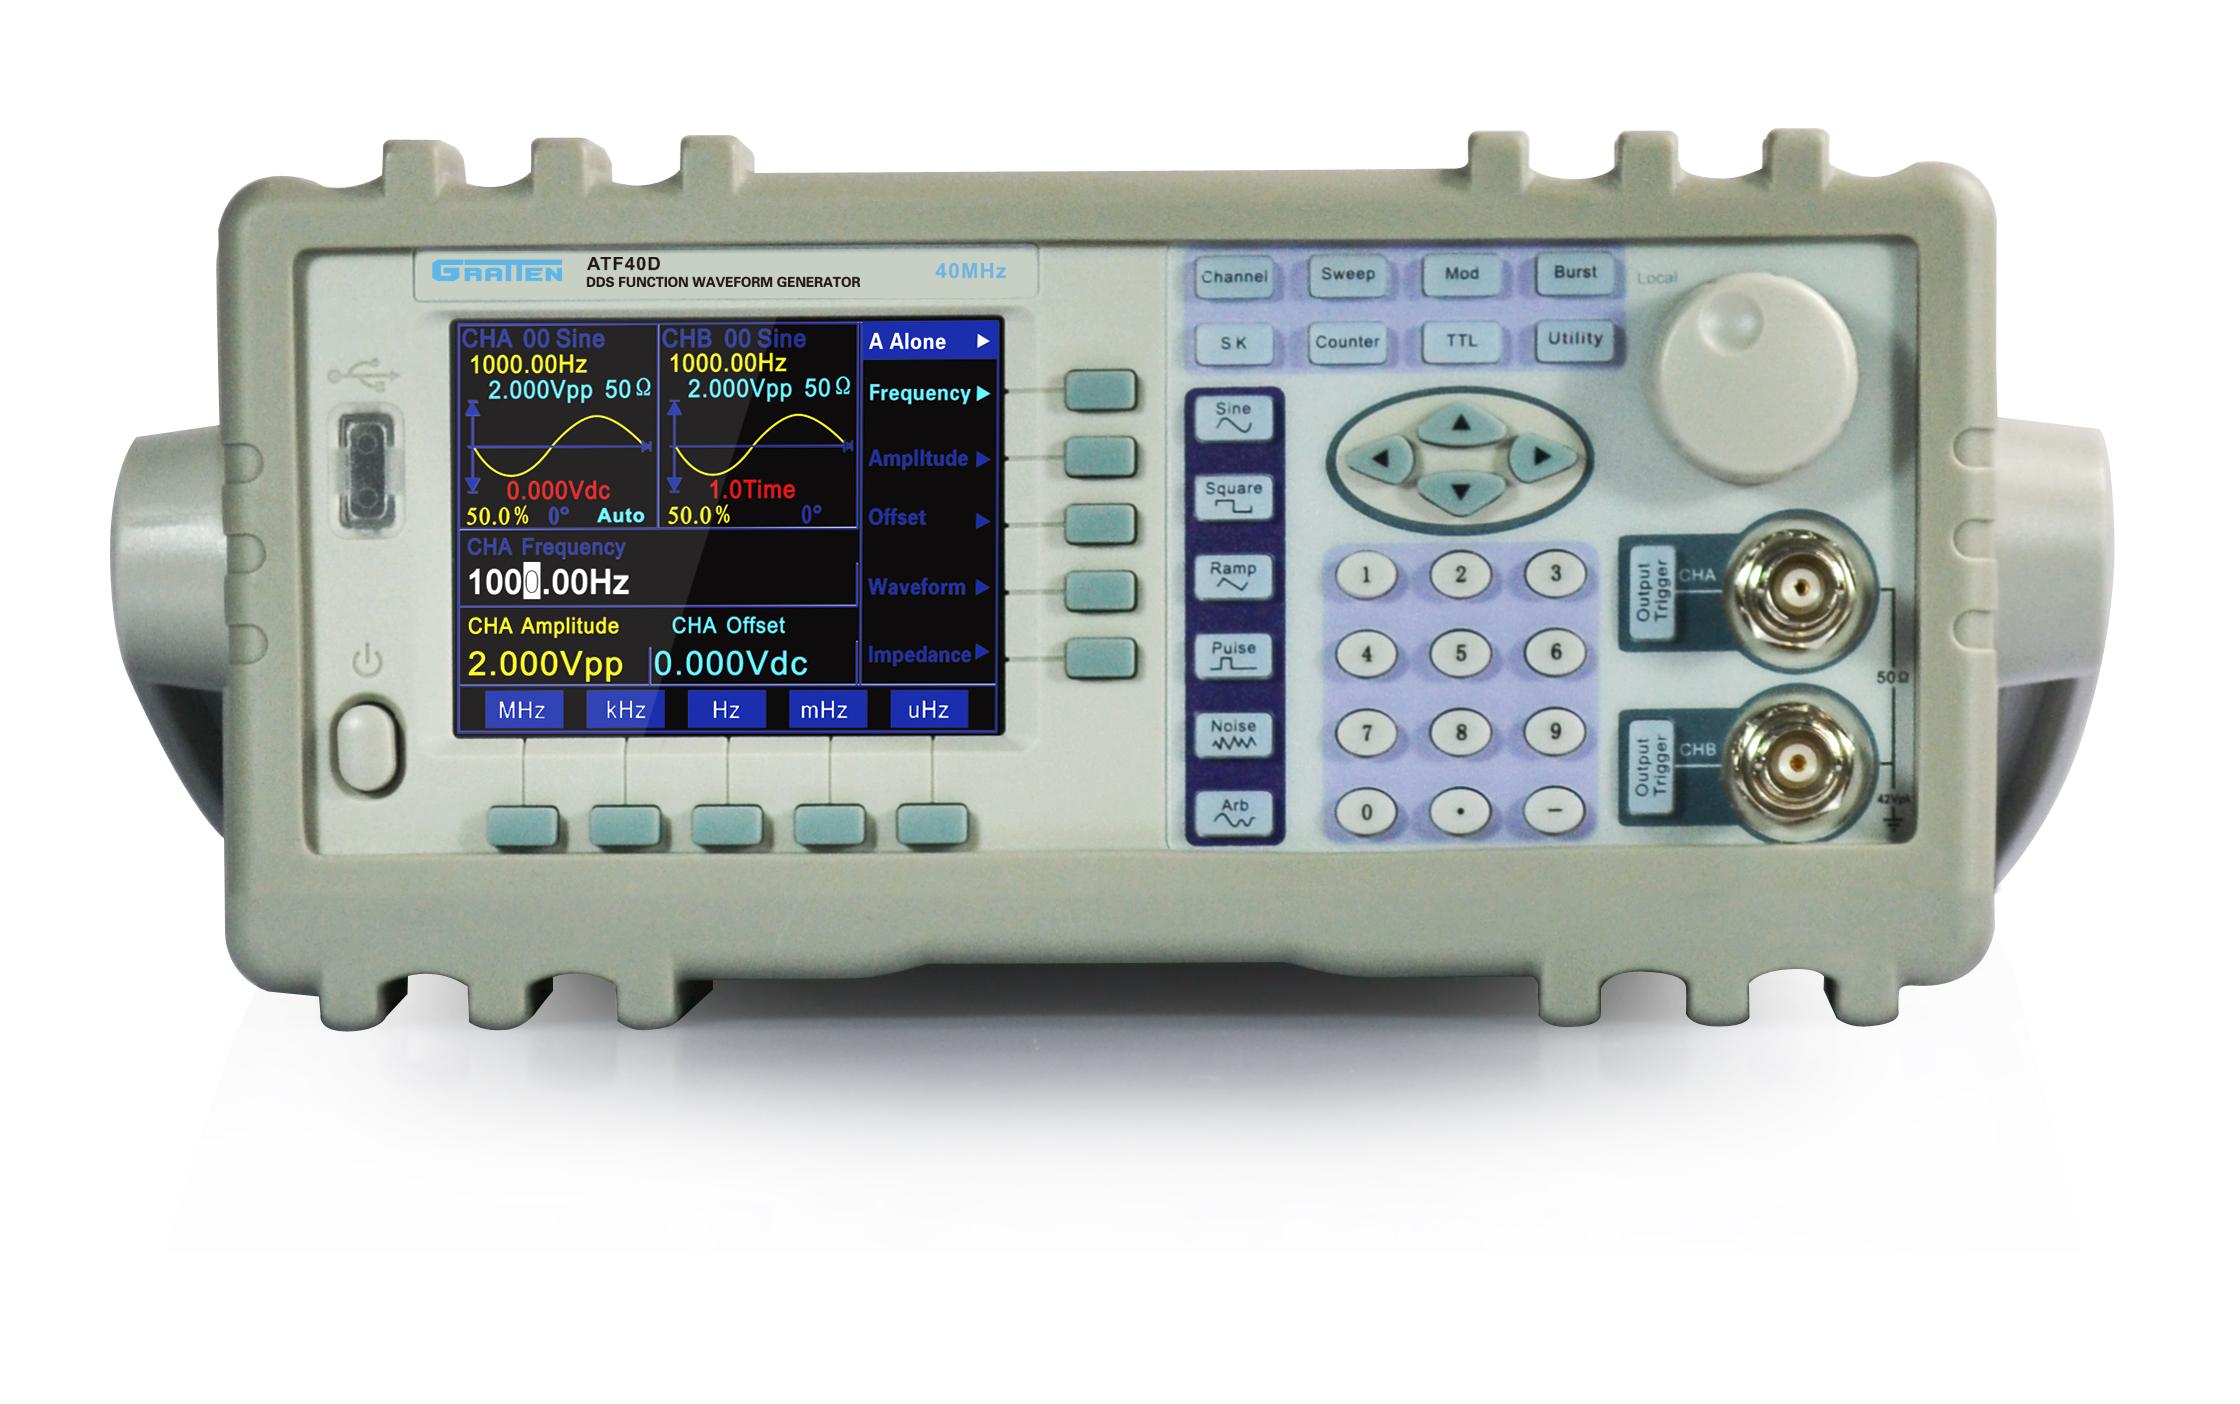 采用先进的DDS技术,双路独立输出 3.5寸TFT显示屏 可输出32种标准或内部存储的固定波形 最小输出可到lmV (50)的稳定波形 具有AM (D系列)、FM、FSK、ASK、PSK多种调制功能 具有扫频、扫幅、猝发、AB相加功能 (D系列) 具有过压、迫流、输出短路、反灌电压保护电路功能 选配:RS232接口、USB接口 (D系列)、频率计、功率版大器